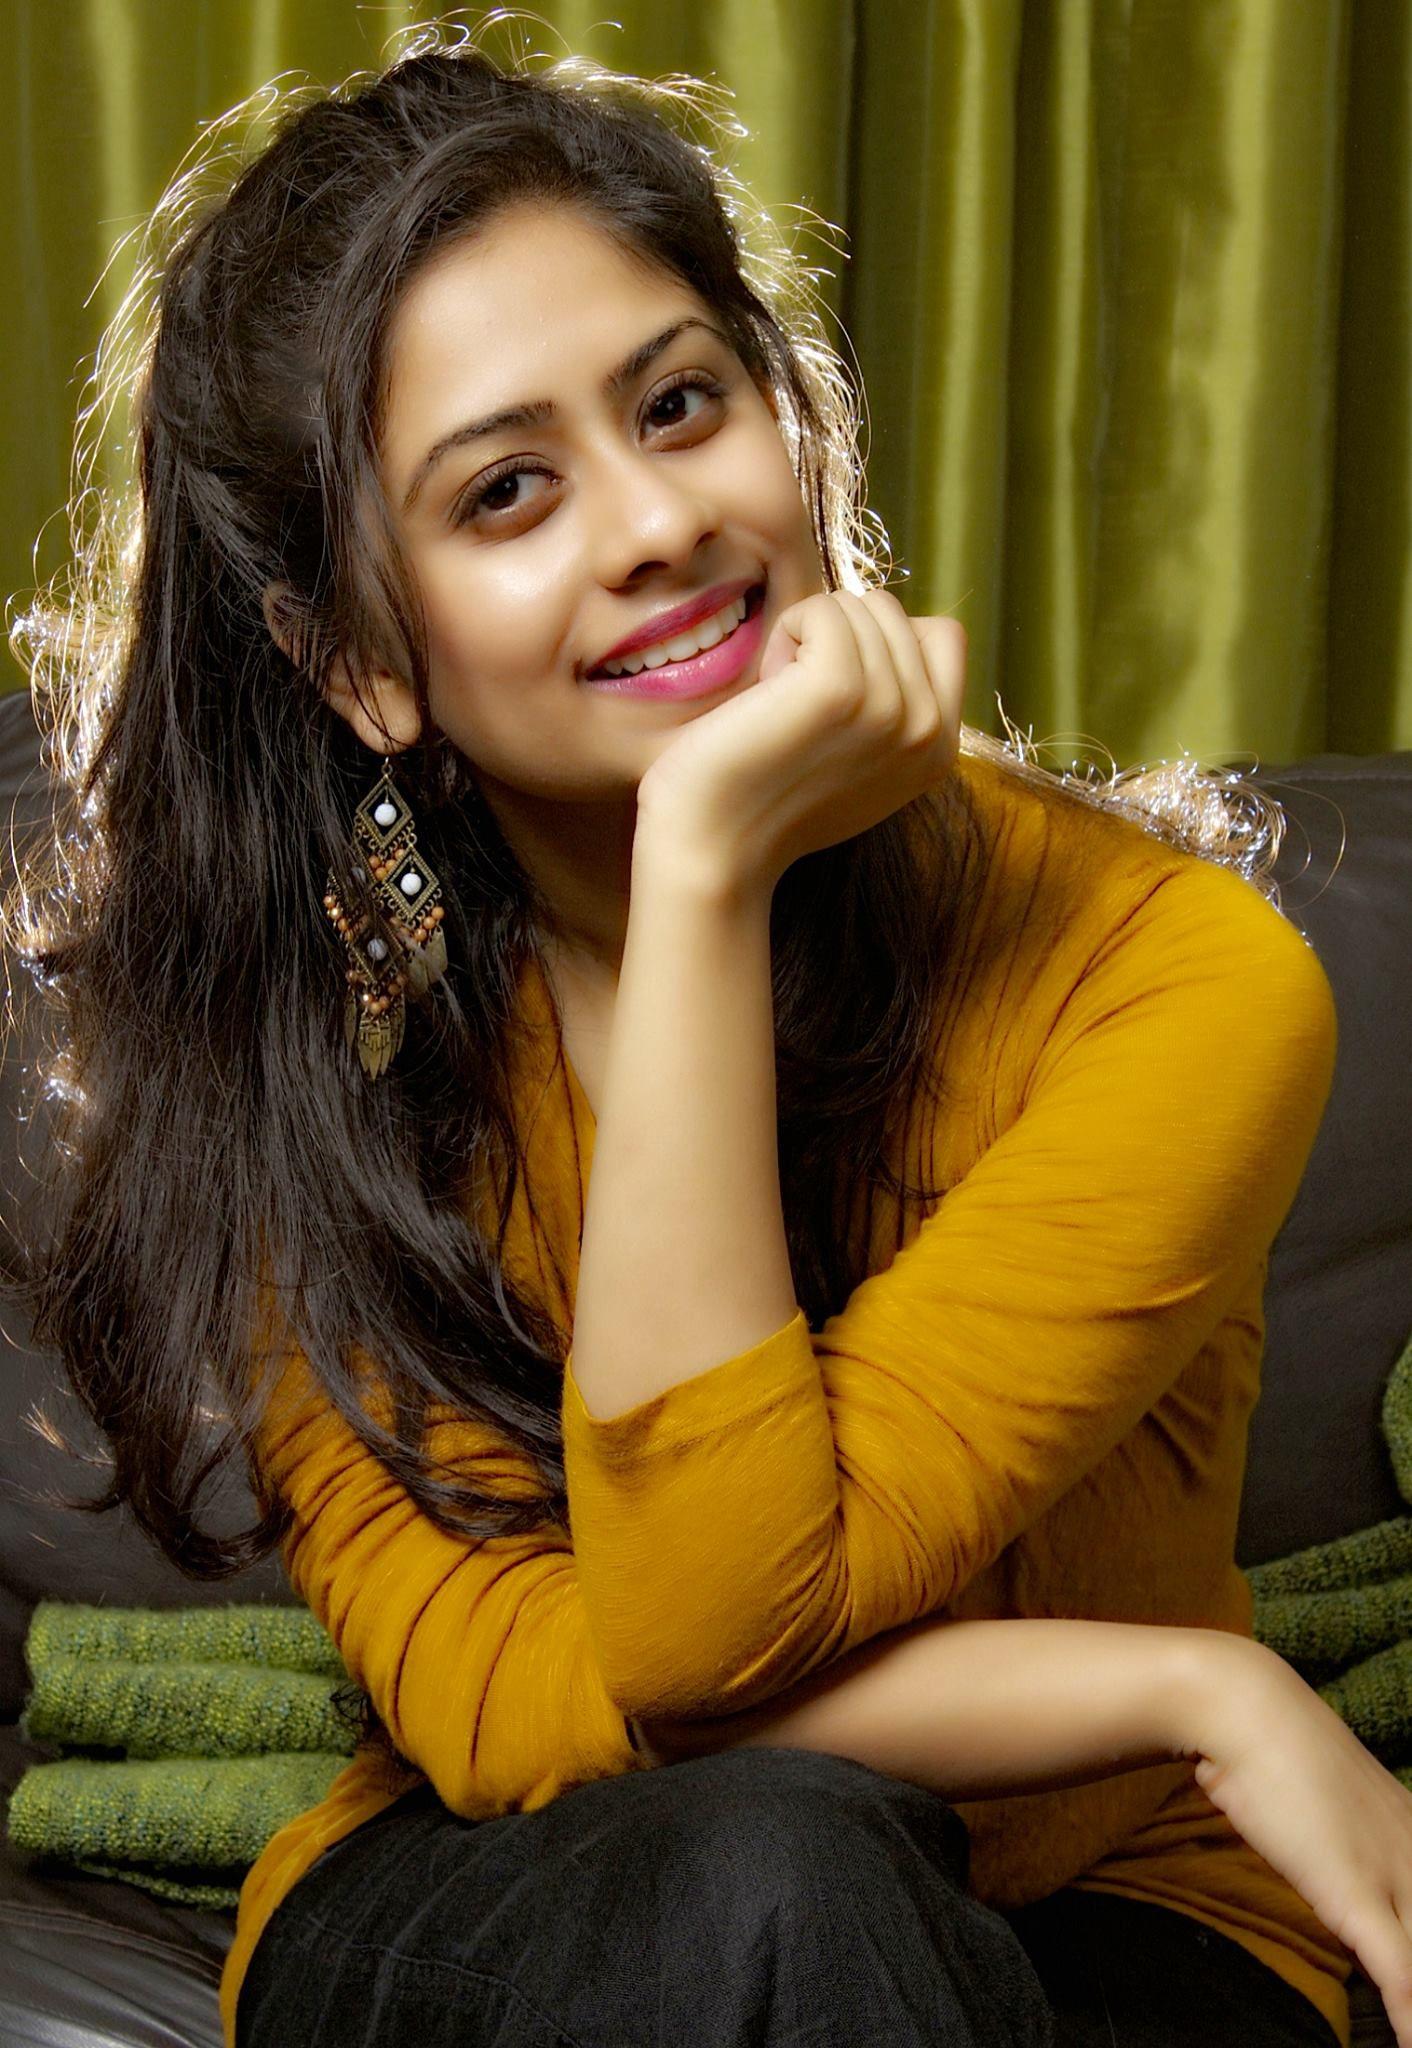 Priya Lal nude photos 2019